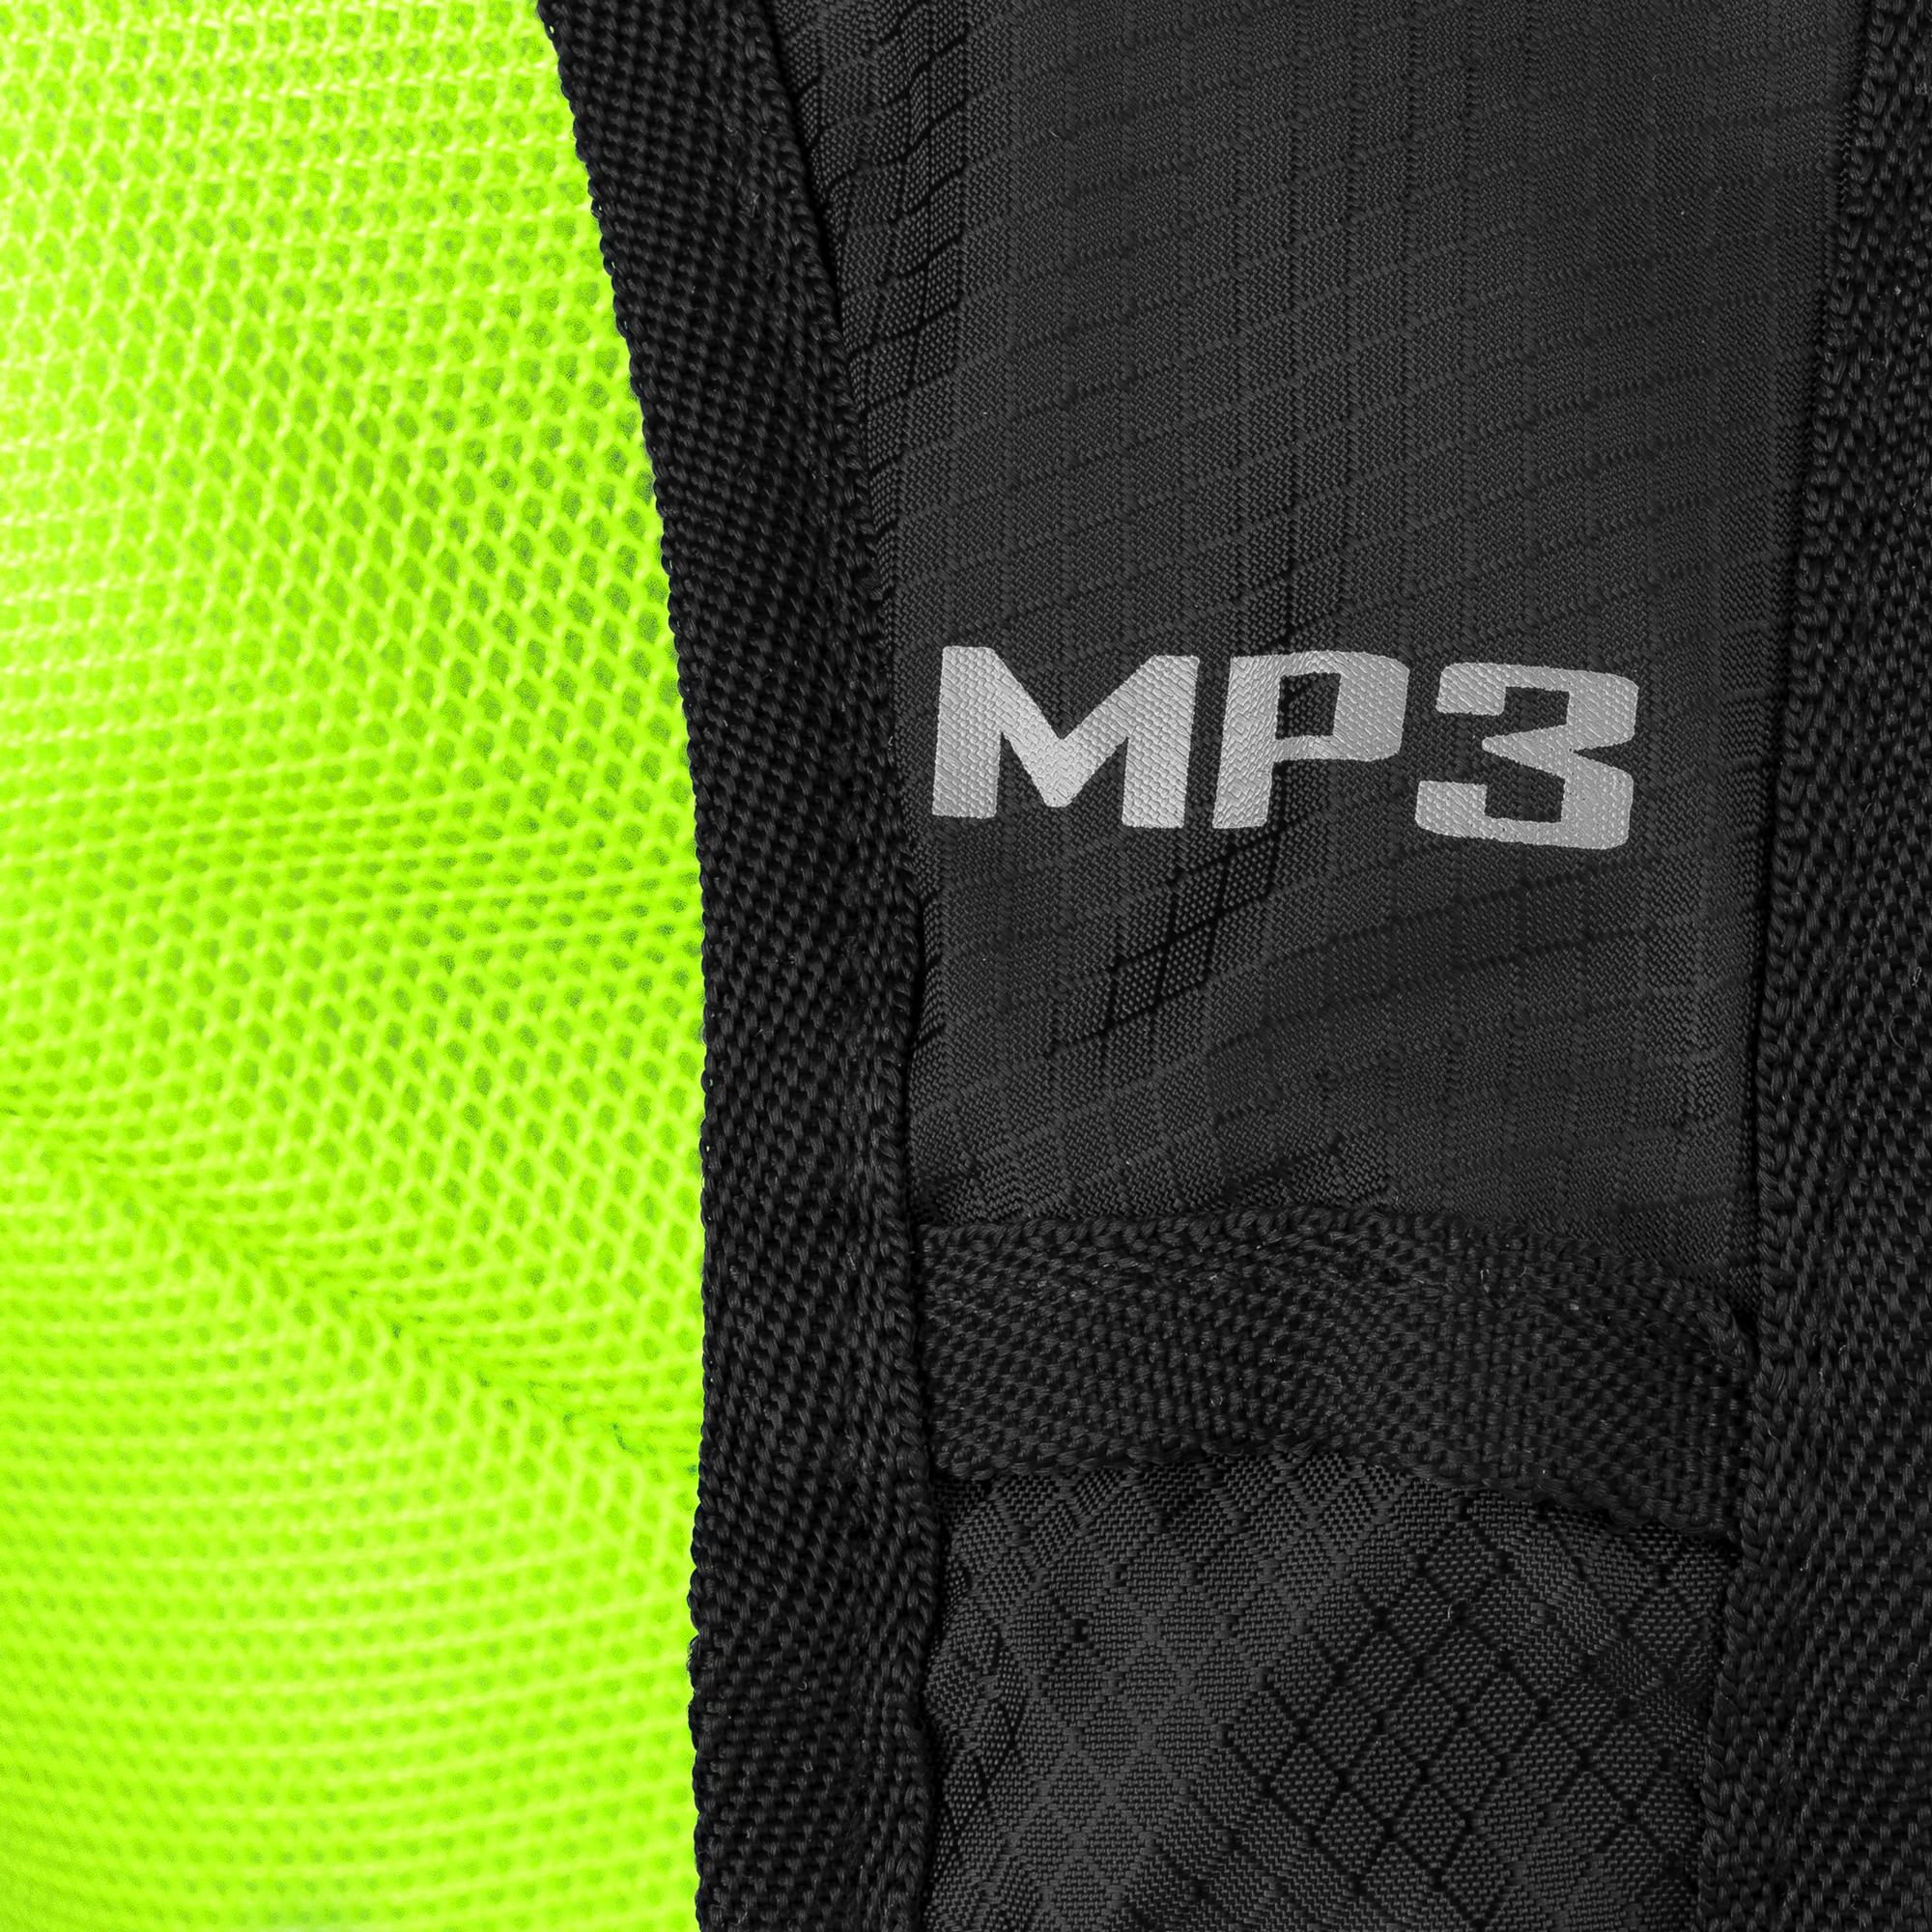 a500a09bb Ultralehký (pouze 395 g) cyklistický a běžecký batoh vhodný pro běhání a  jízdu na kole. Objem 3 litry.